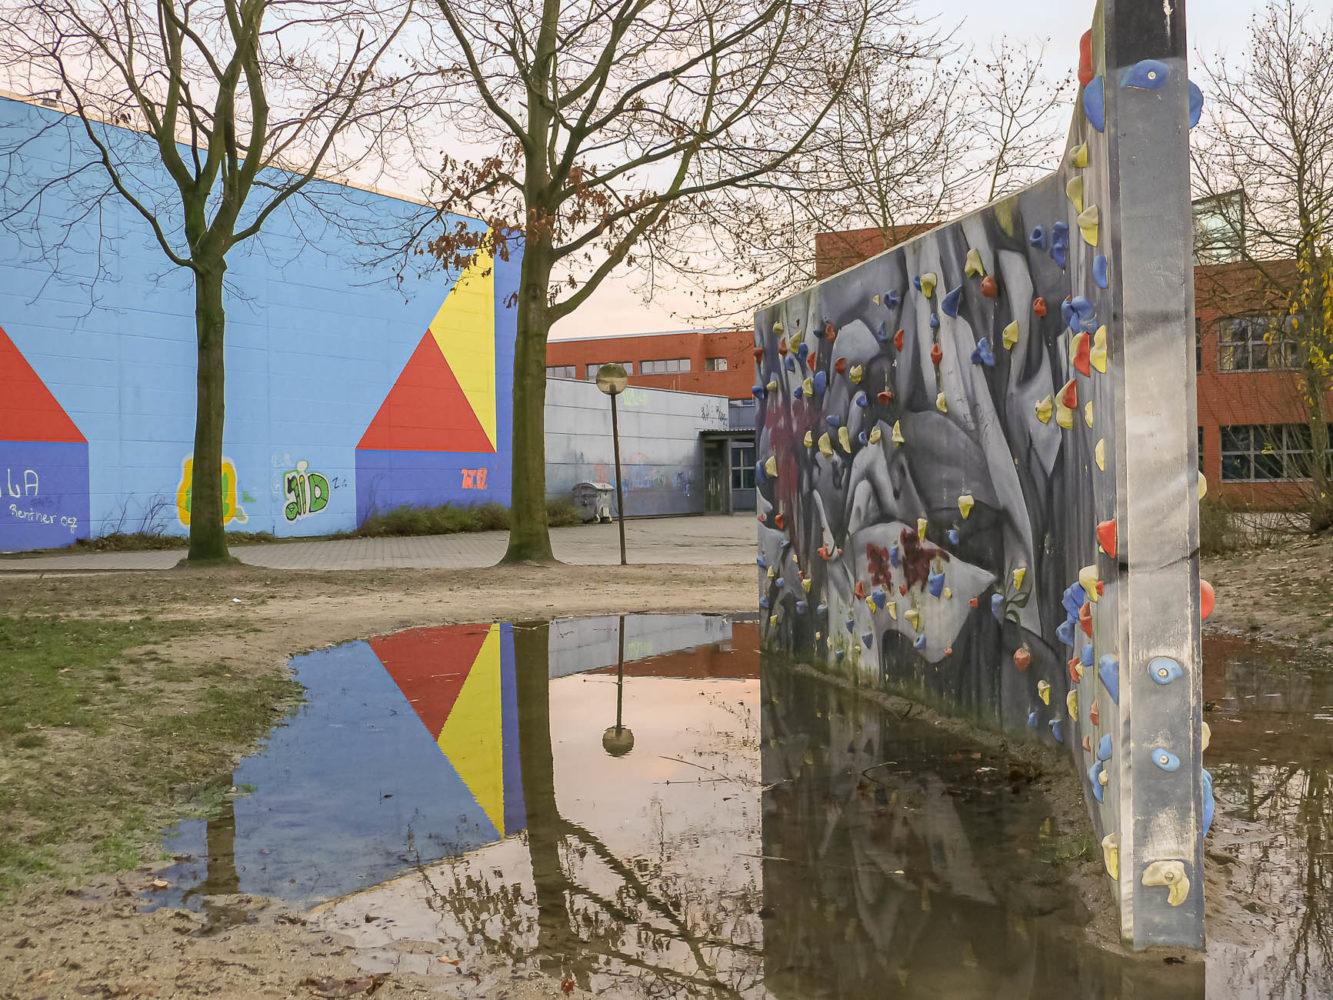 Kletter-Geräat vor der Dreifach-Turnhalle - im Bereich der Realschule Wolbeck. Foto: A. Hasenkamp.